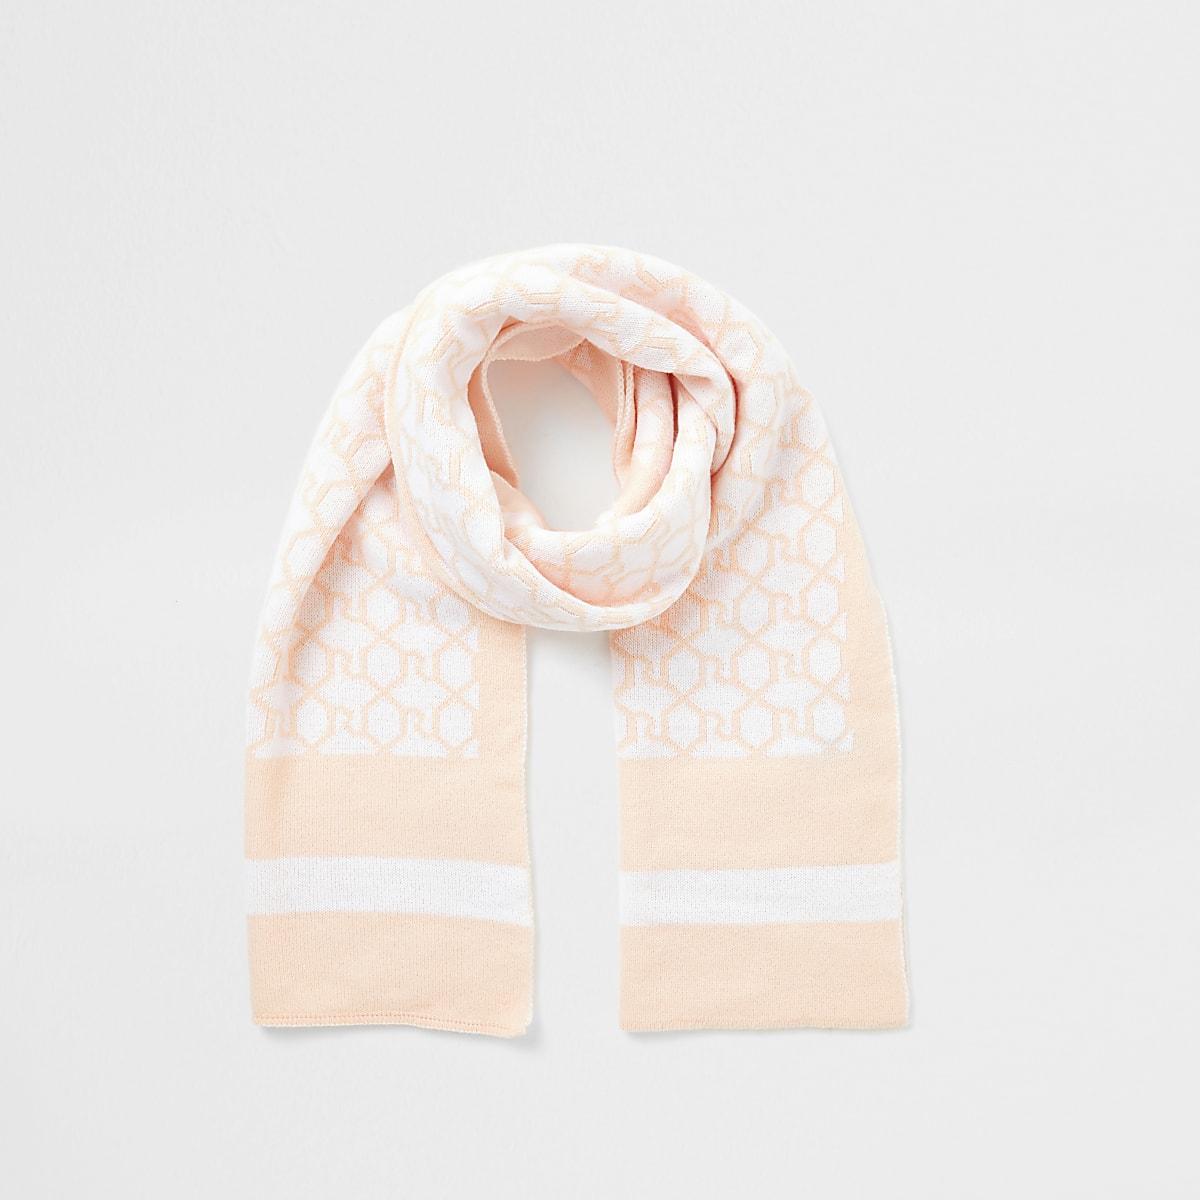 Roze sjaal met RI-monogram voor meisjes